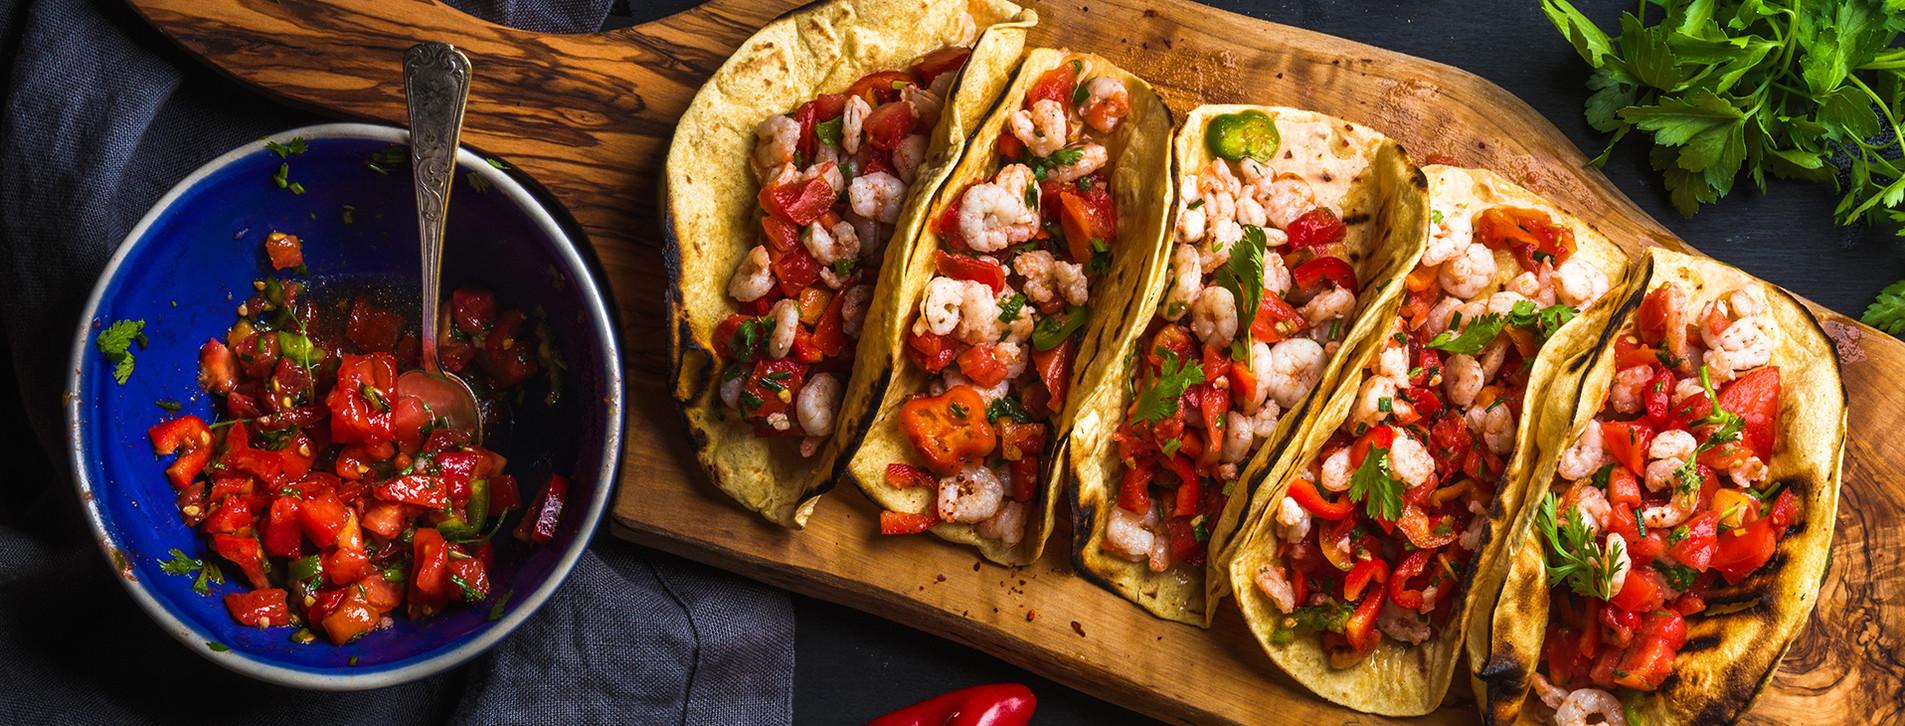 Фото - Ужин в мексиканском ресторане